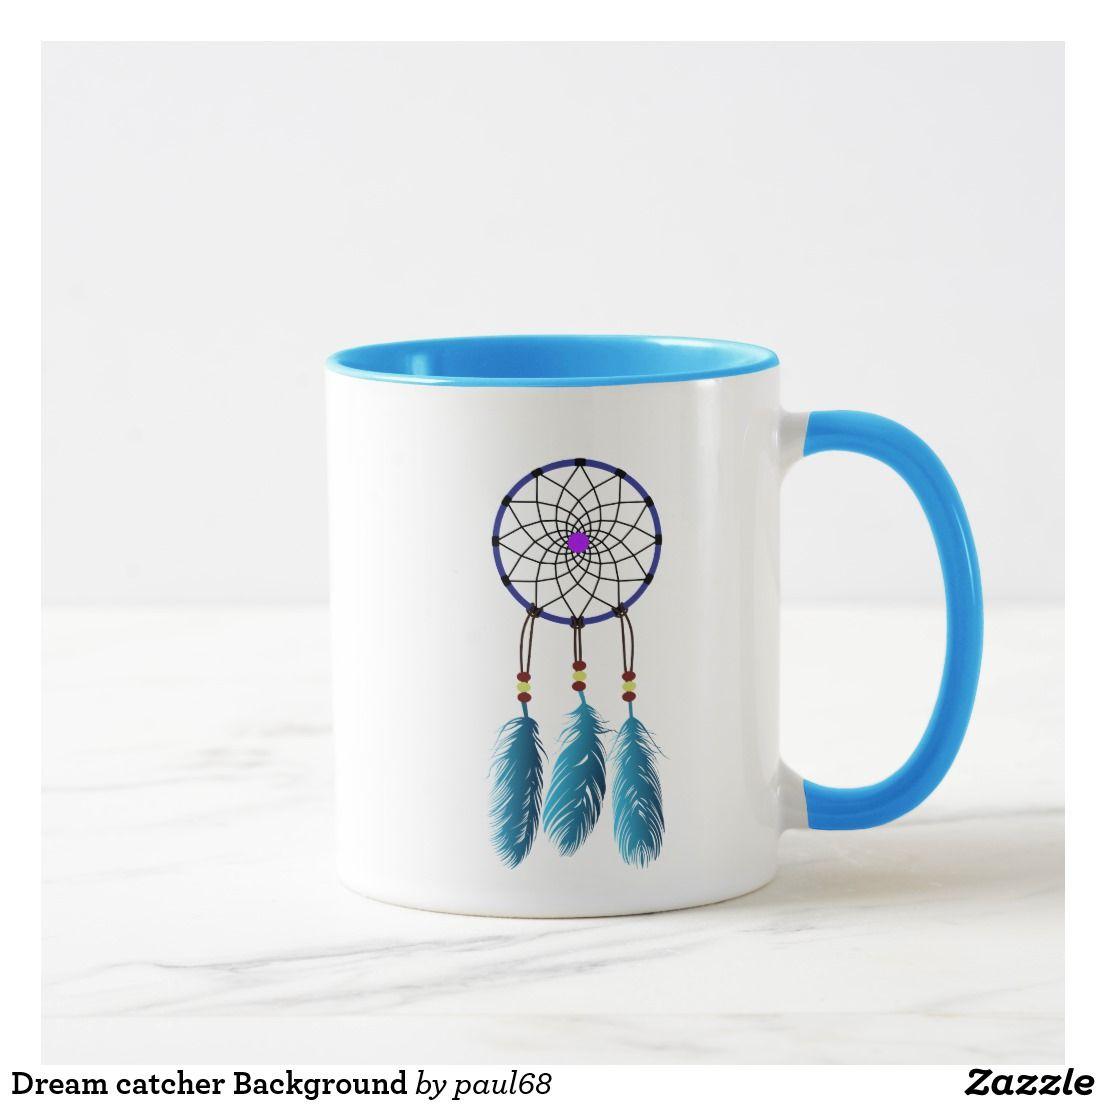 Dream Catcher Background Mug Zazzle Com In 2020 Mugs Dream Catcher Color Dream